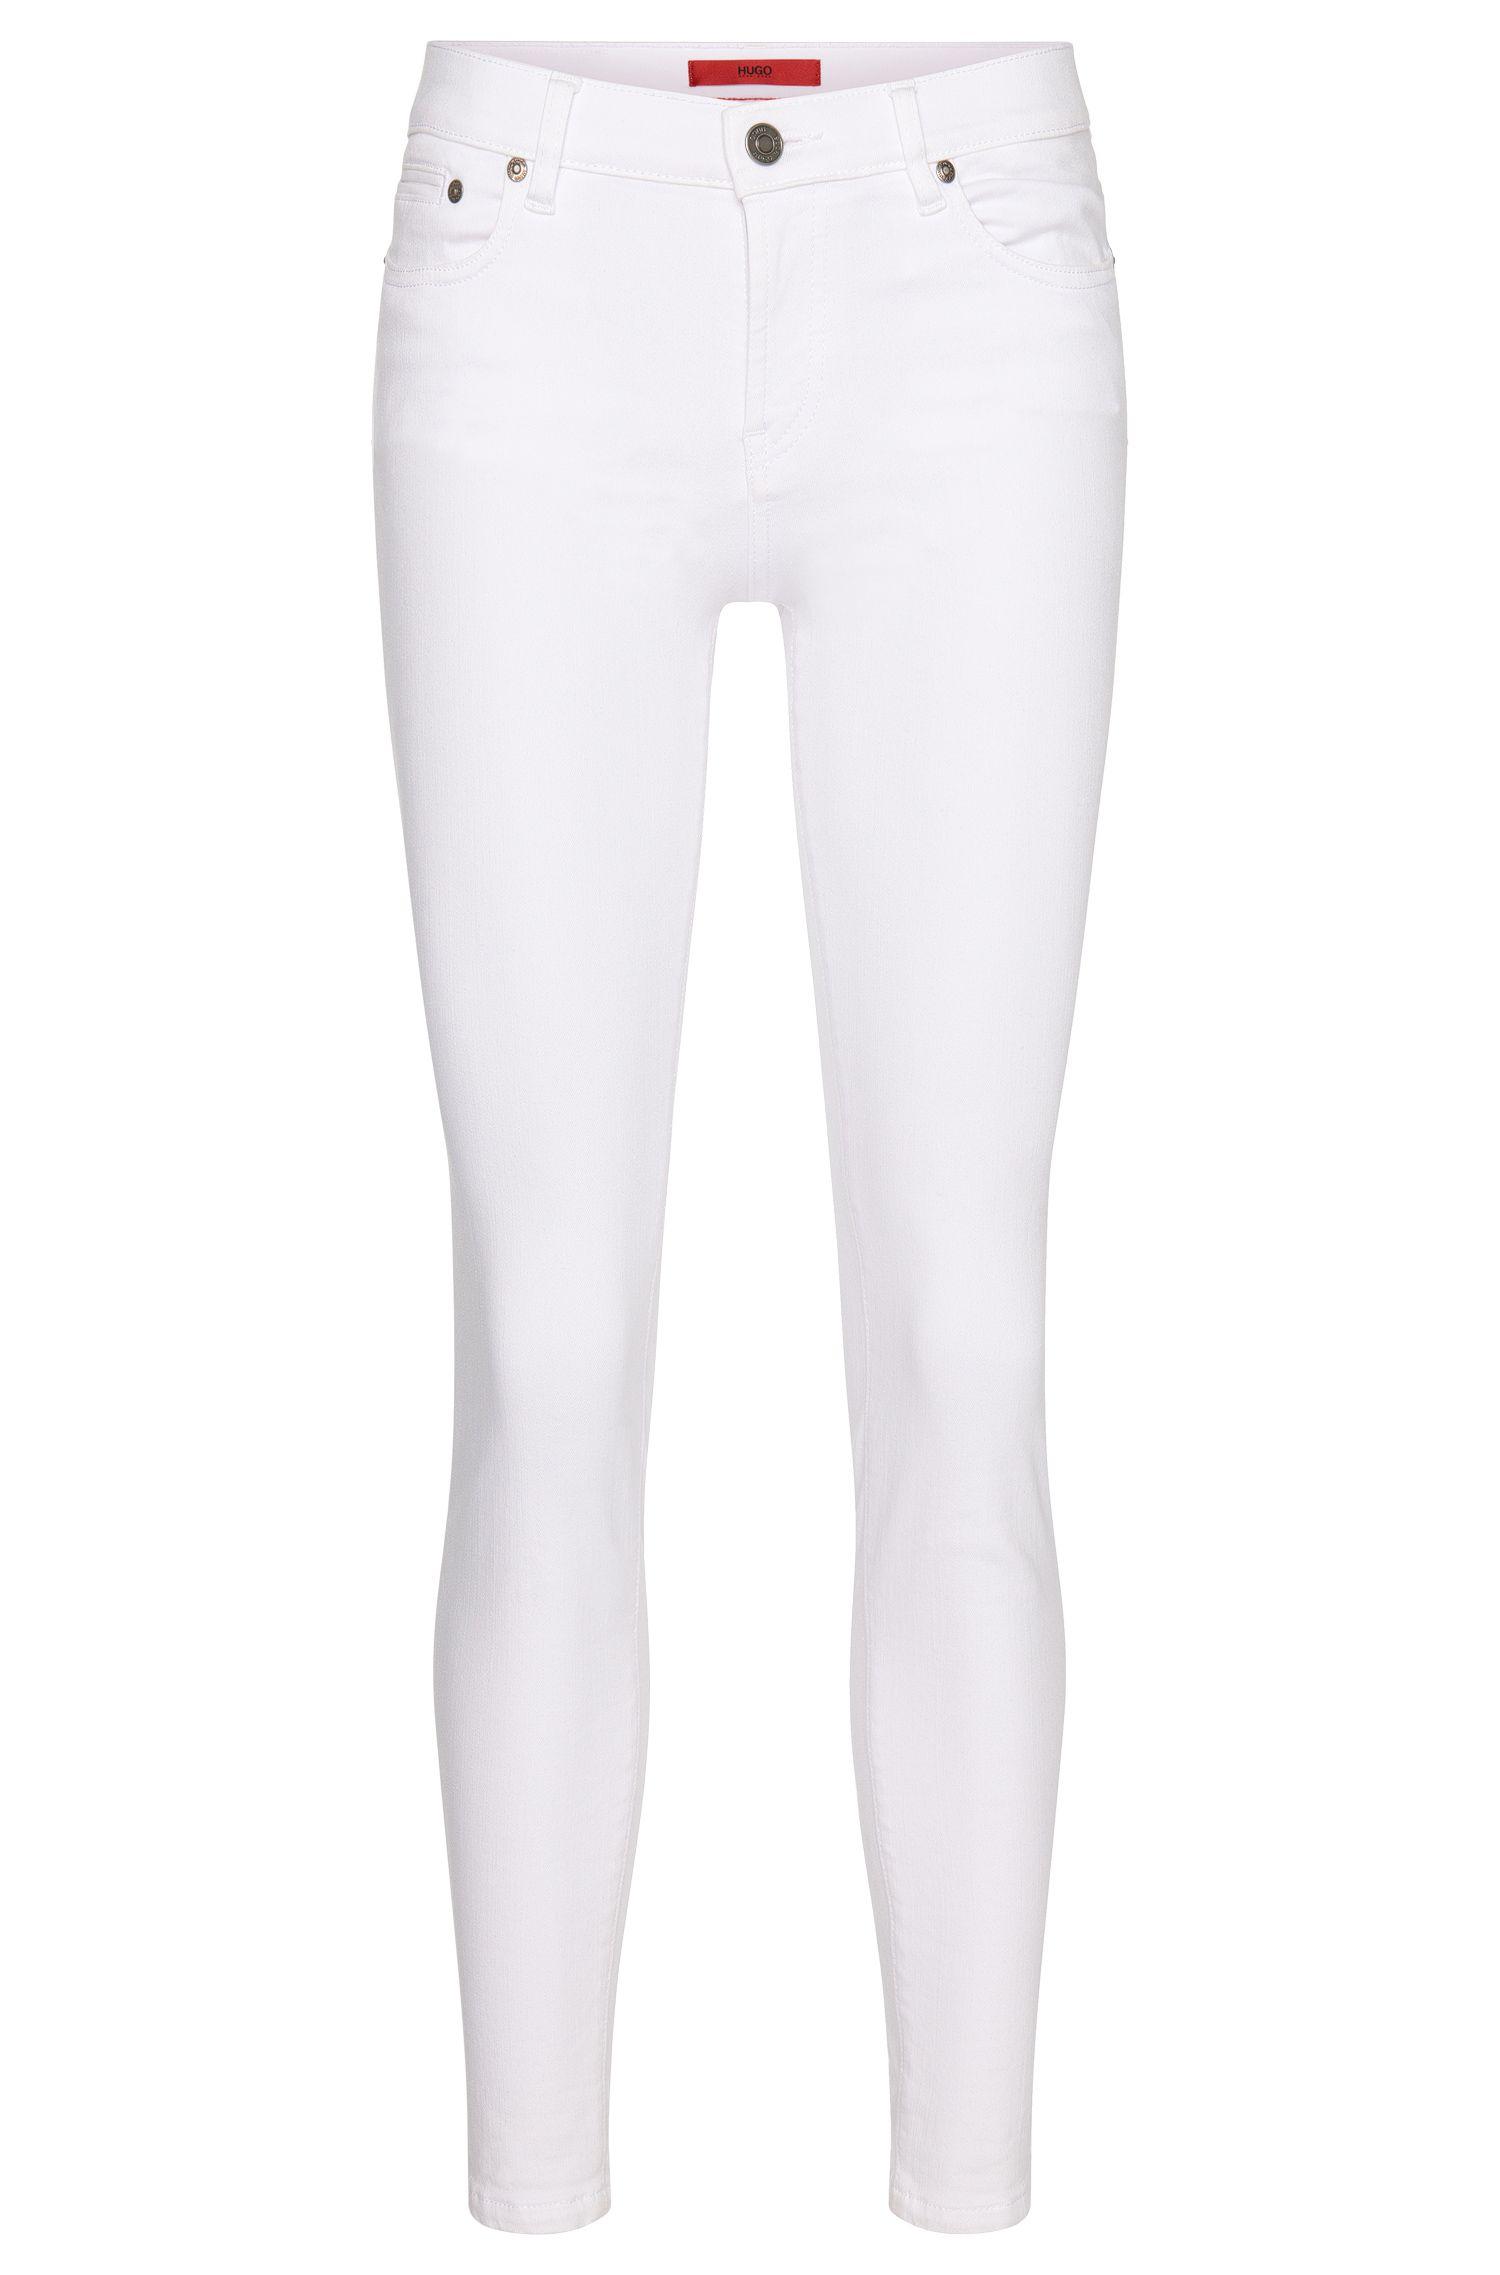 Stretch Cotton Blend Zipper Jean | Gilljana